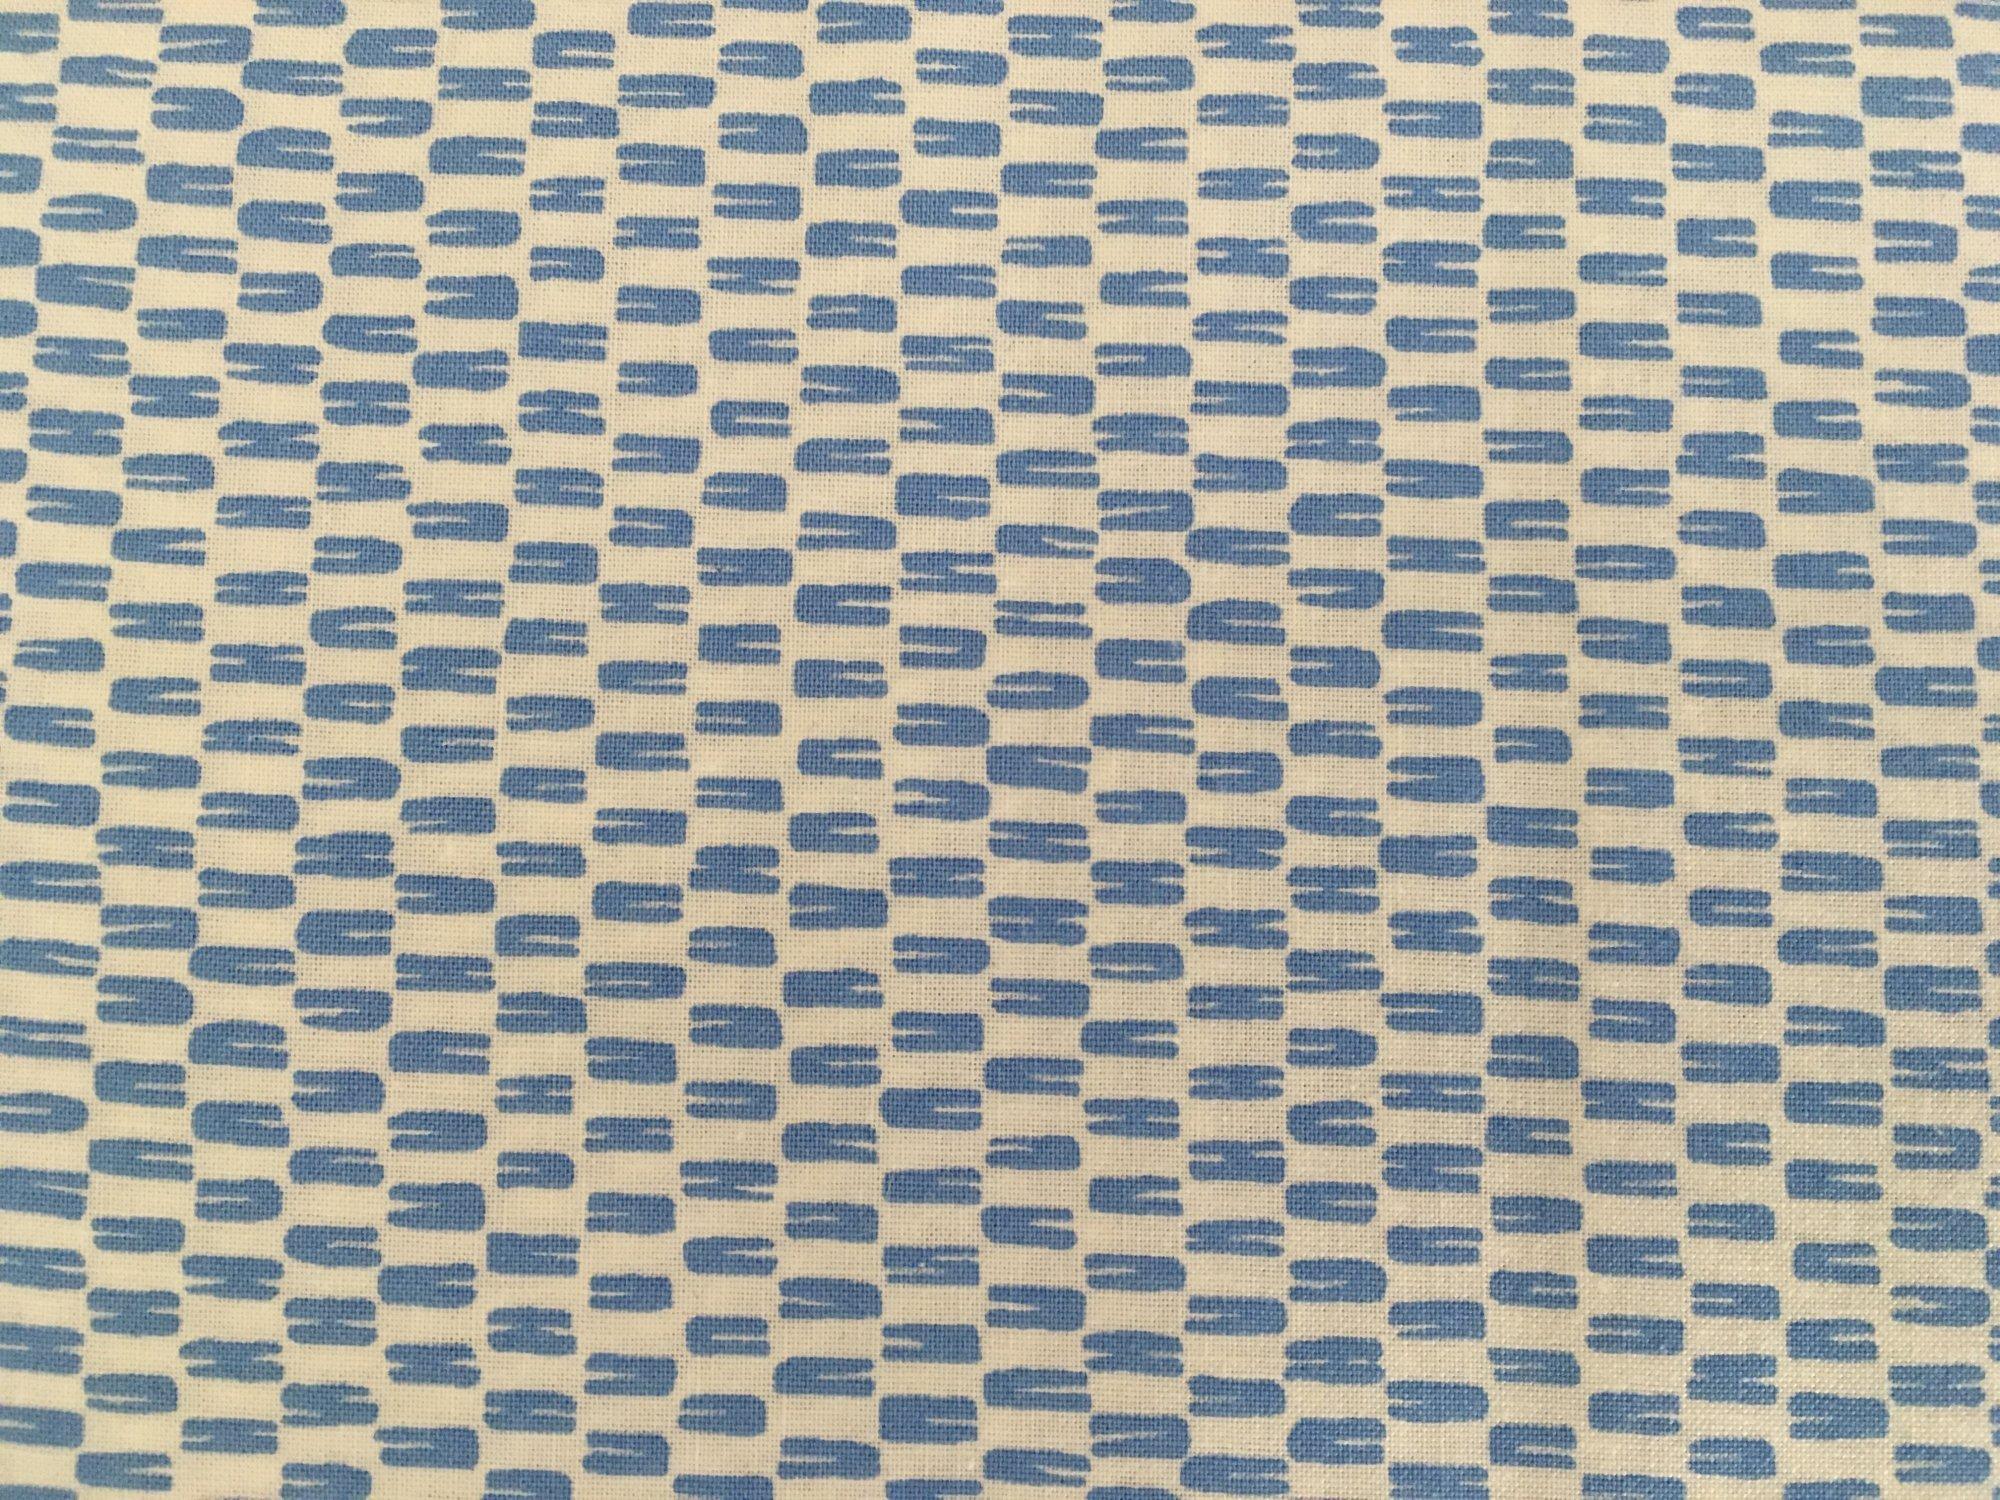 SPA BLUE ON WHITE 1958812 Moda